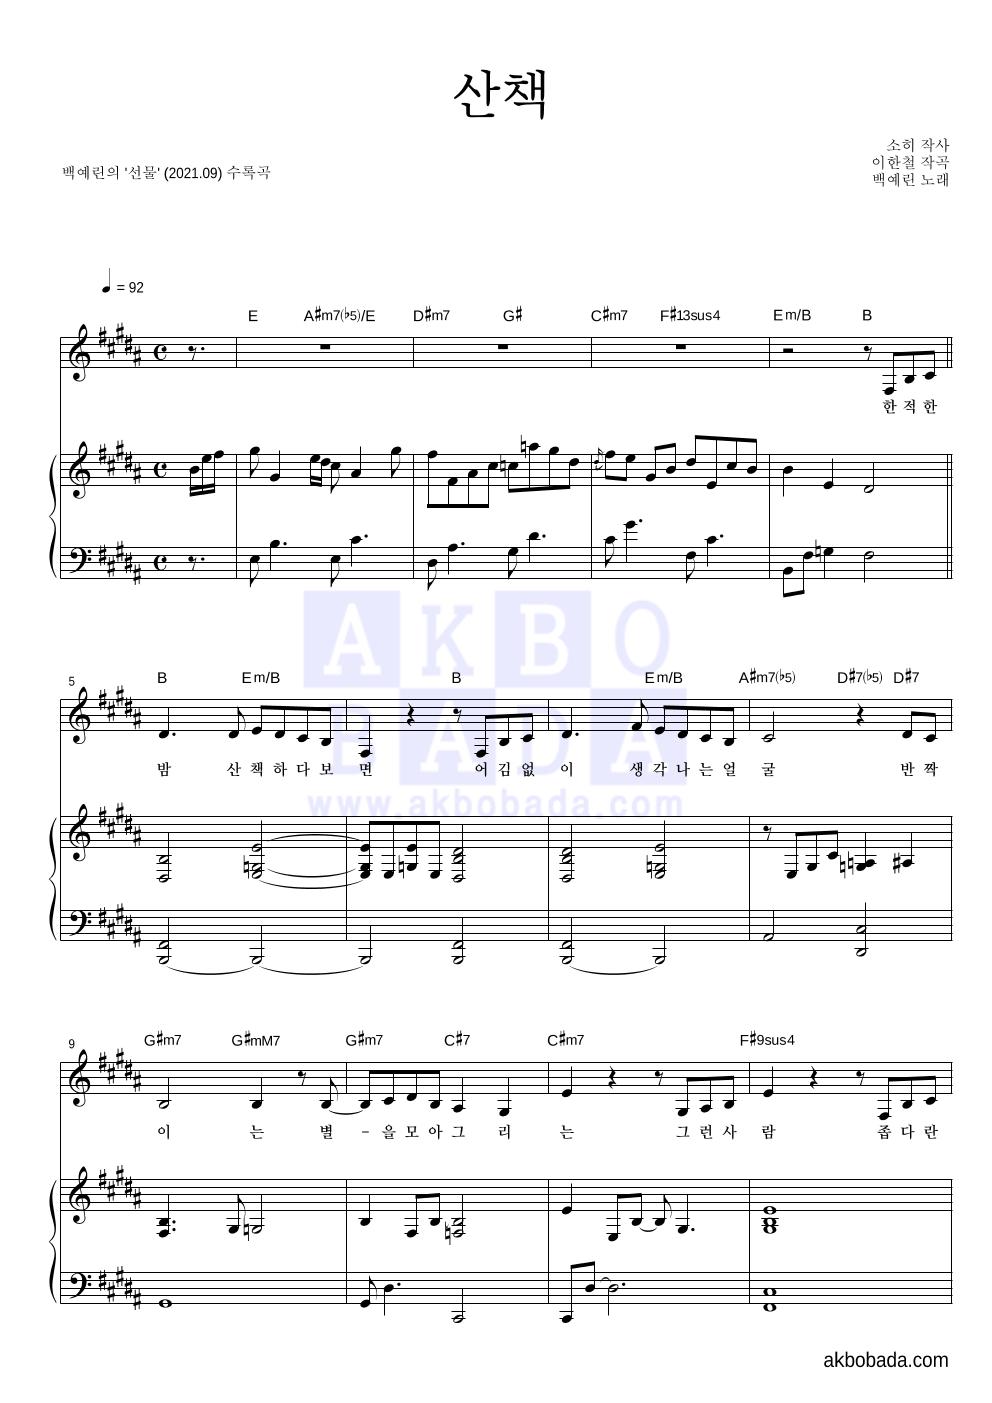 백예린 - 산책 피아노 3단 악보